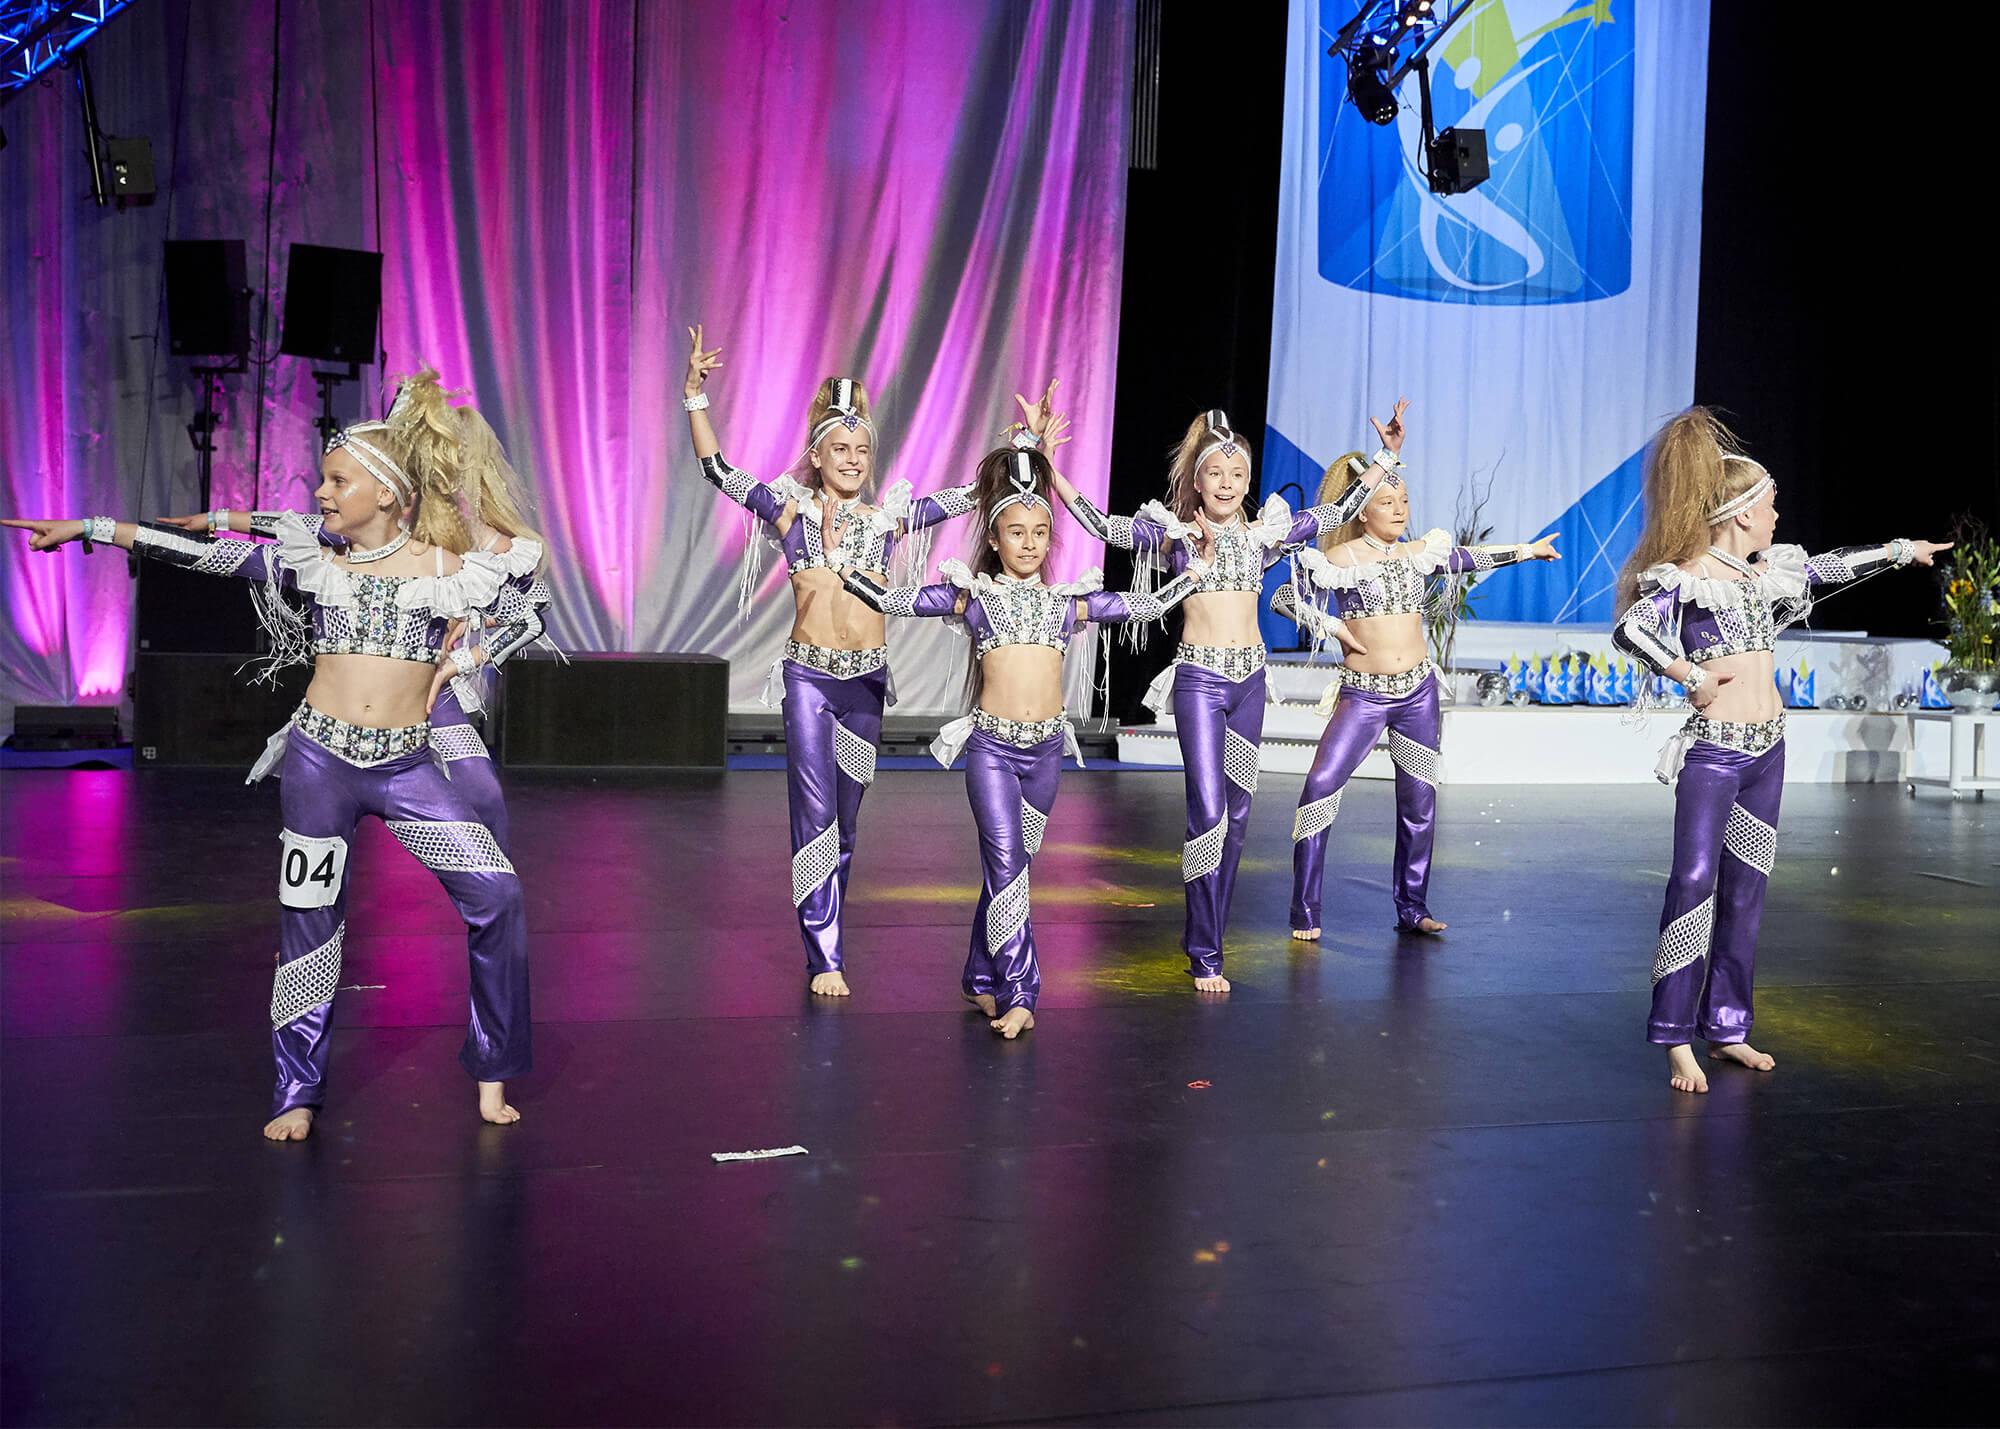 Tjejer i vita och lila kläder tävlingsdansar